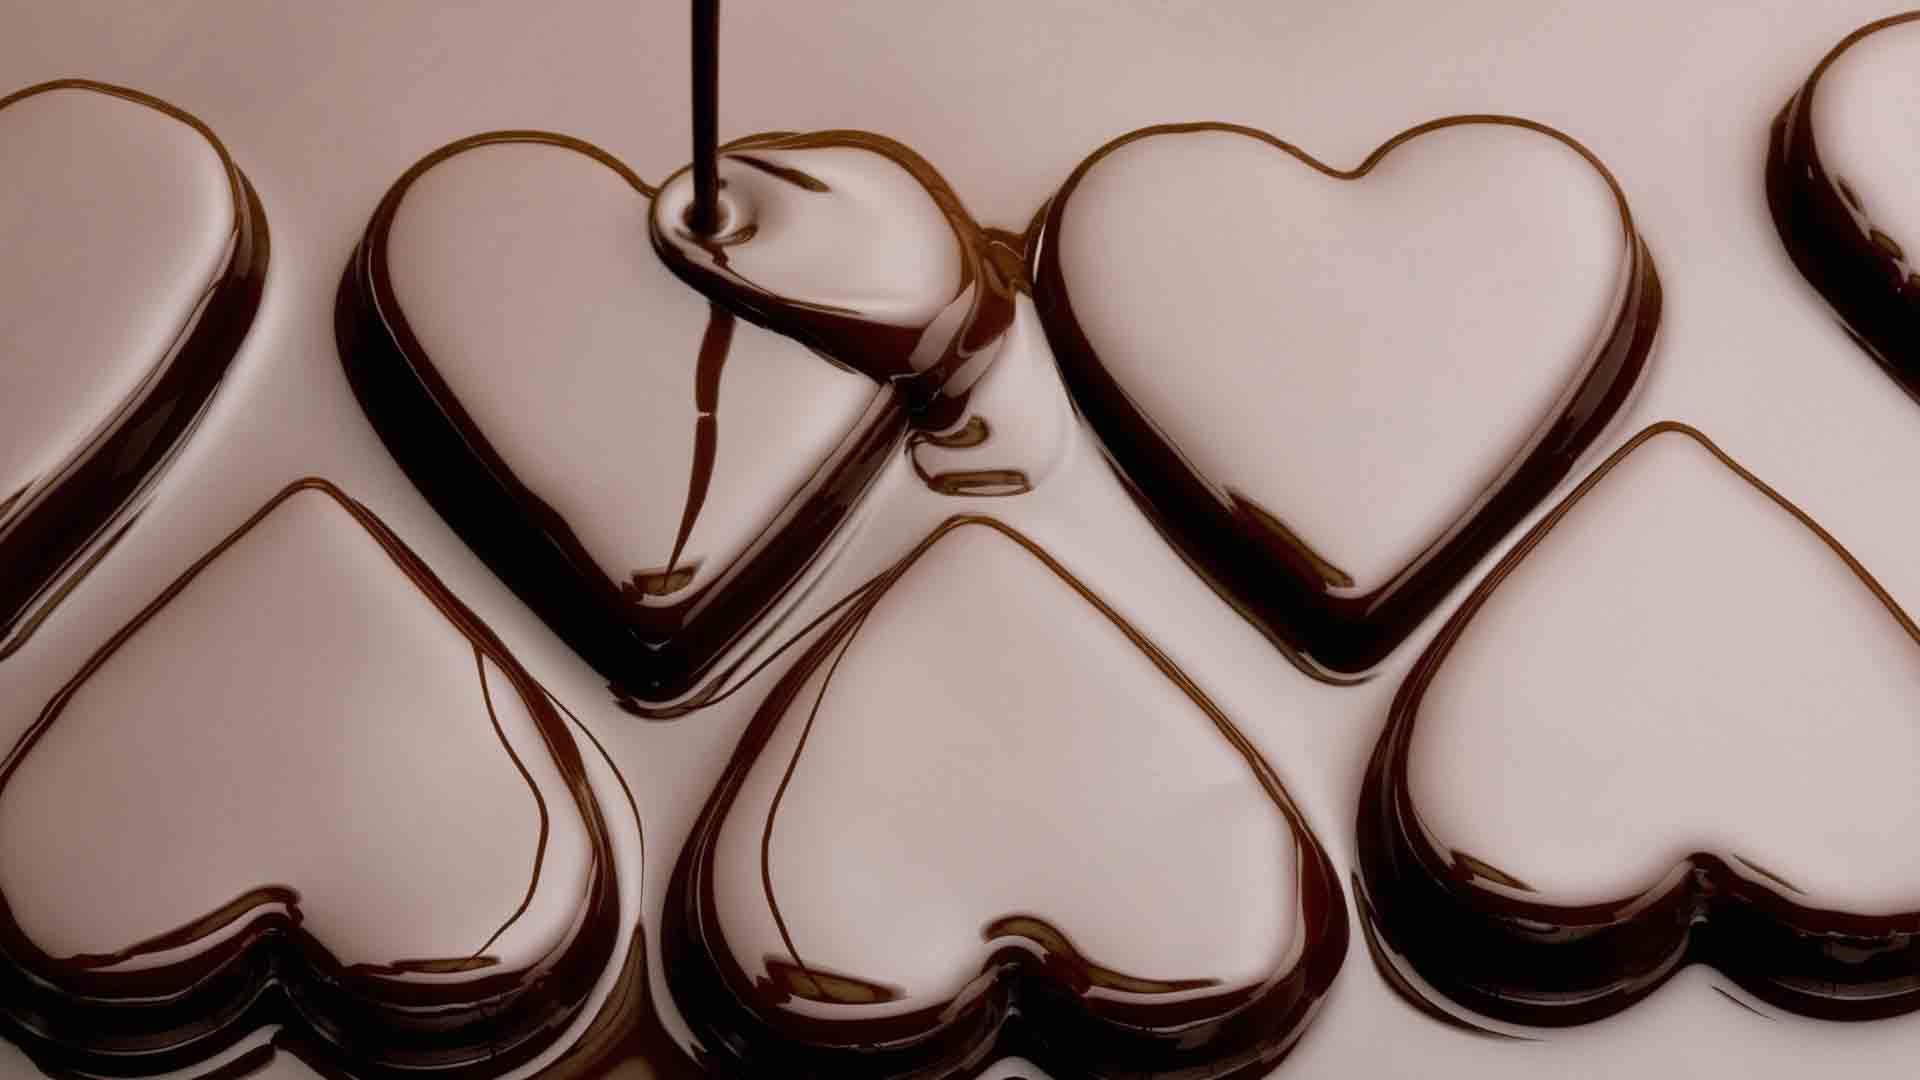 Hình ảnh socola trái tim tan chảy